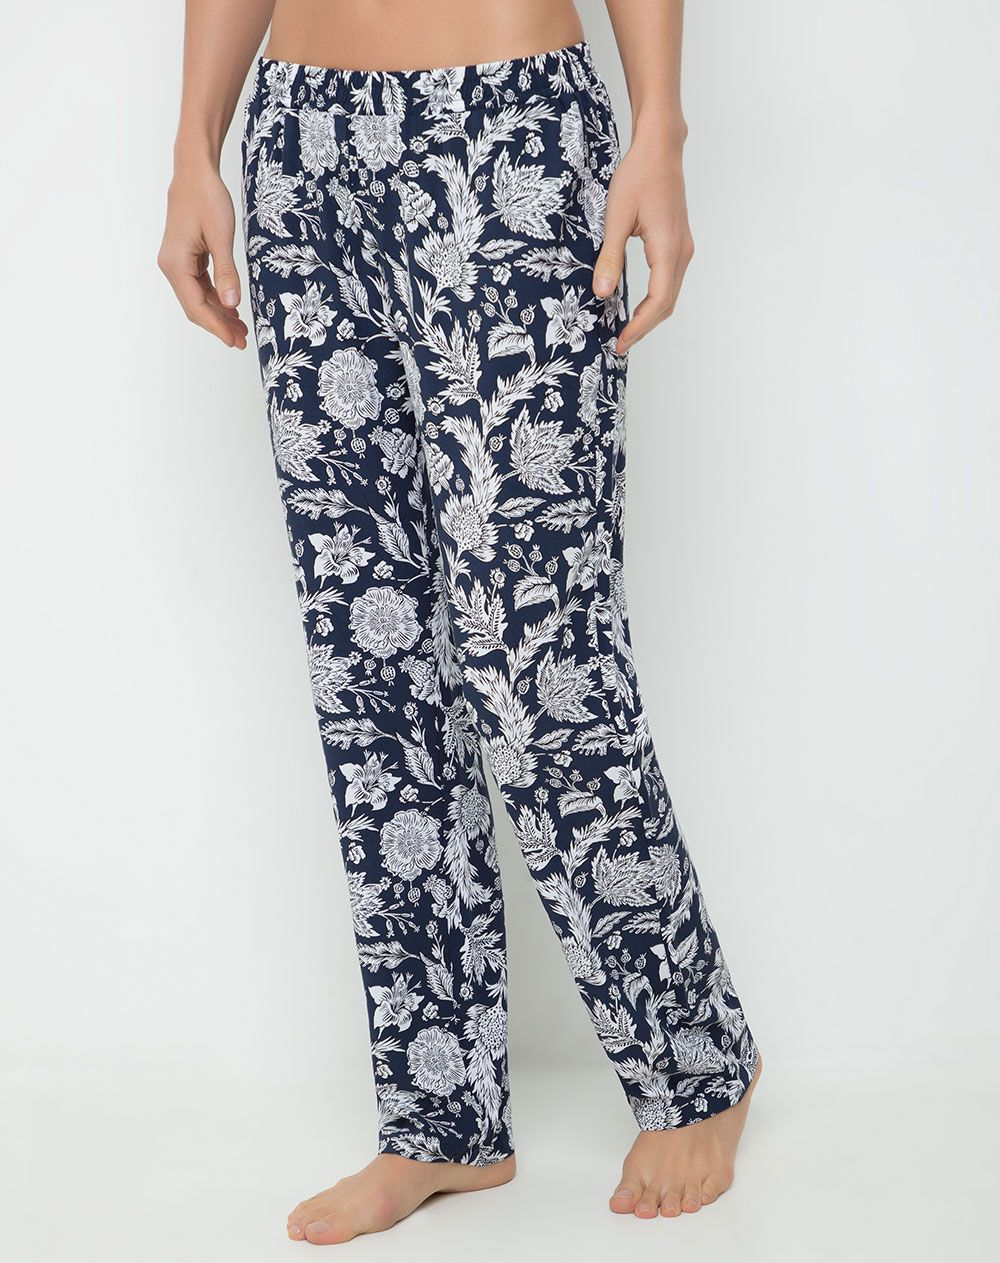 Pantalon Para Mujer Limi Azul Marino Gef Pantalones De Pijama Pantalones Mujer Pantalones